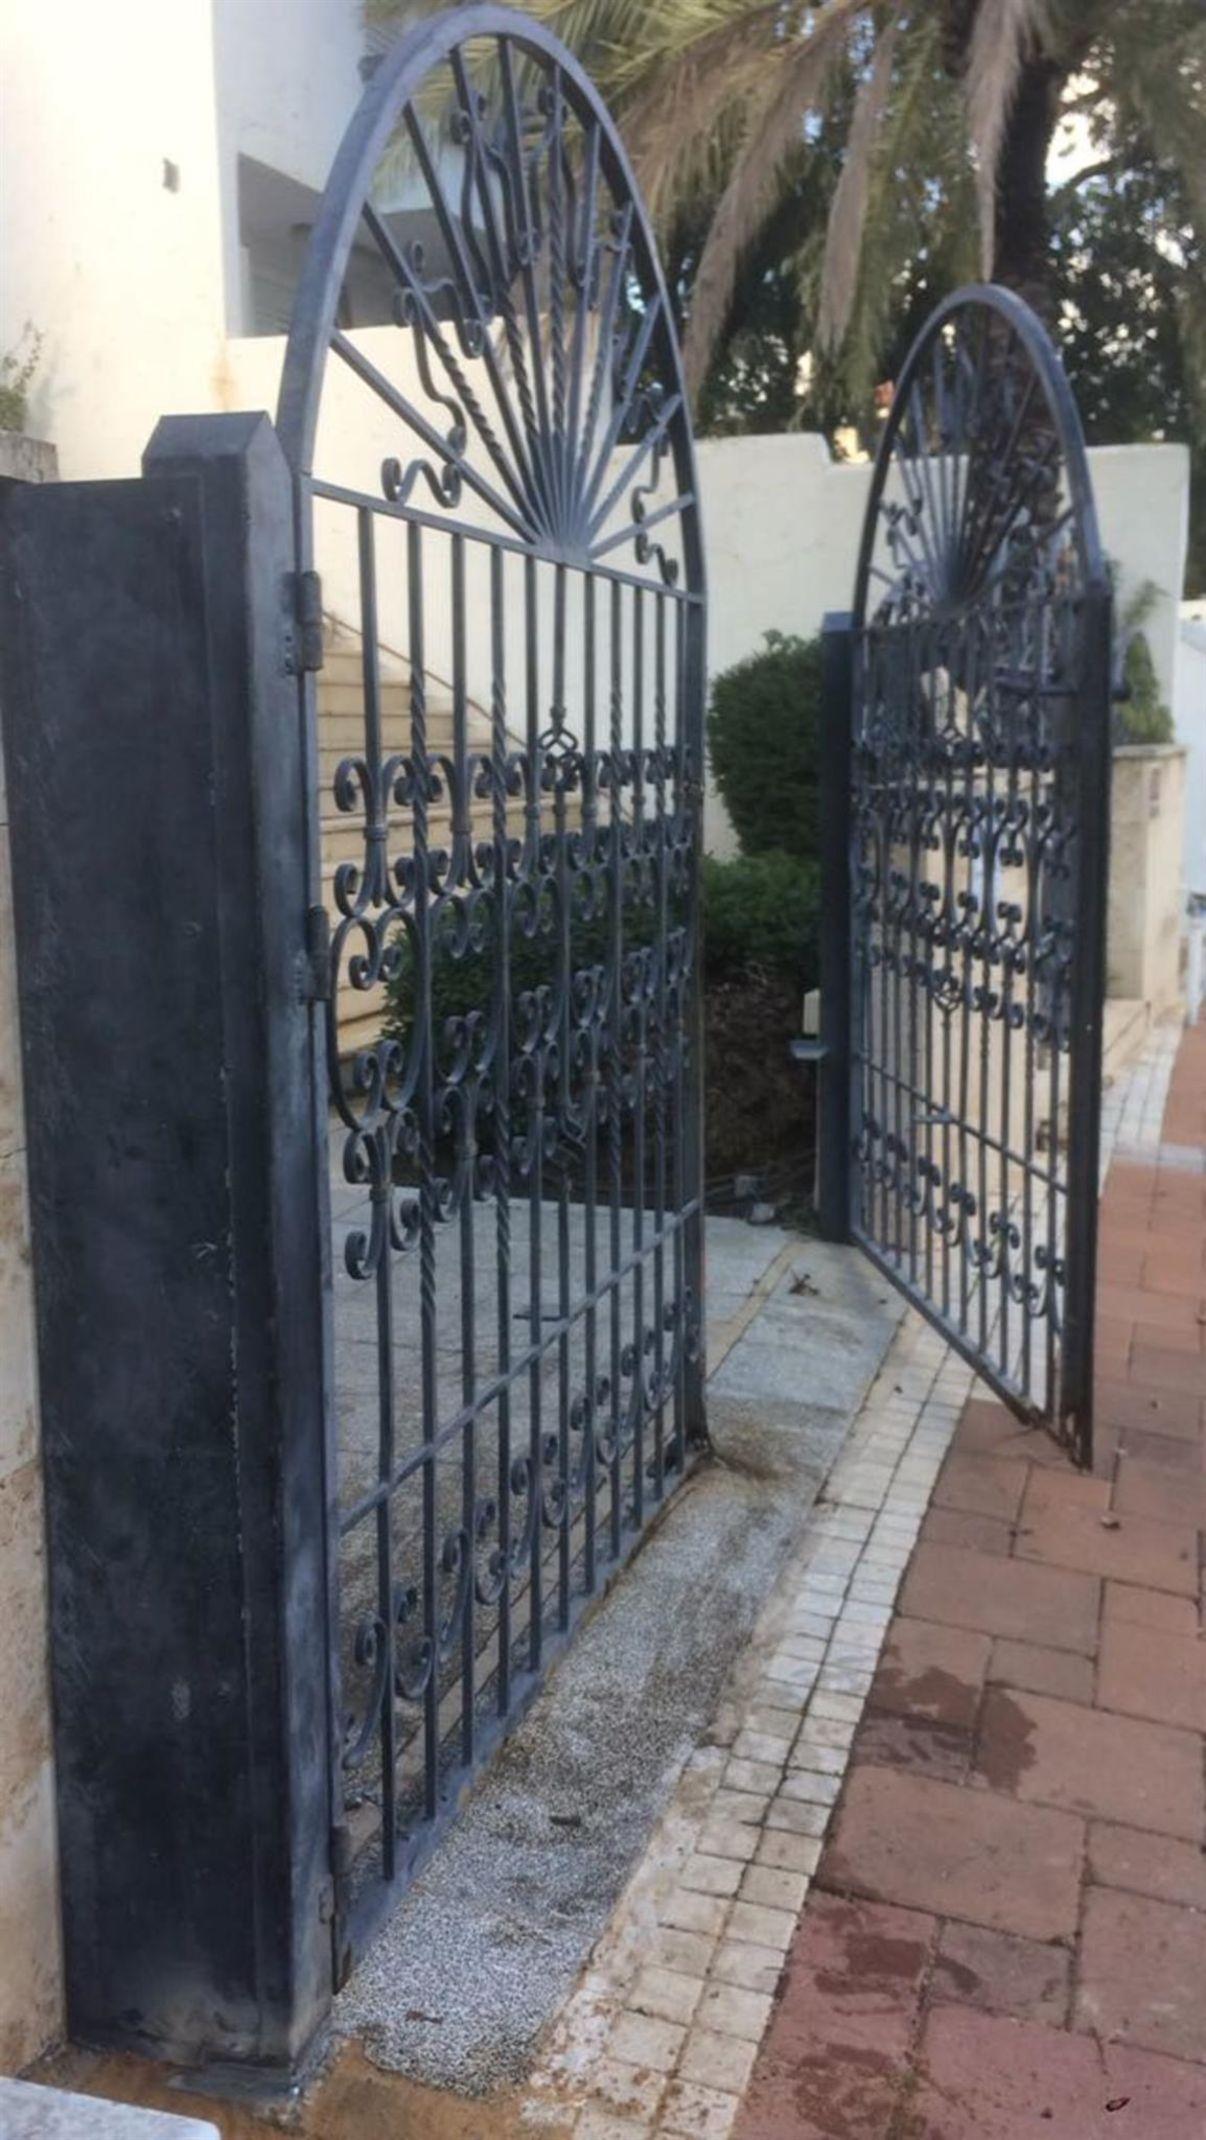 רק החוצה שערים חשמליים - מחירים | הצעות מחיר לדוגמא של שערים חשמליים - מידרג TM-27